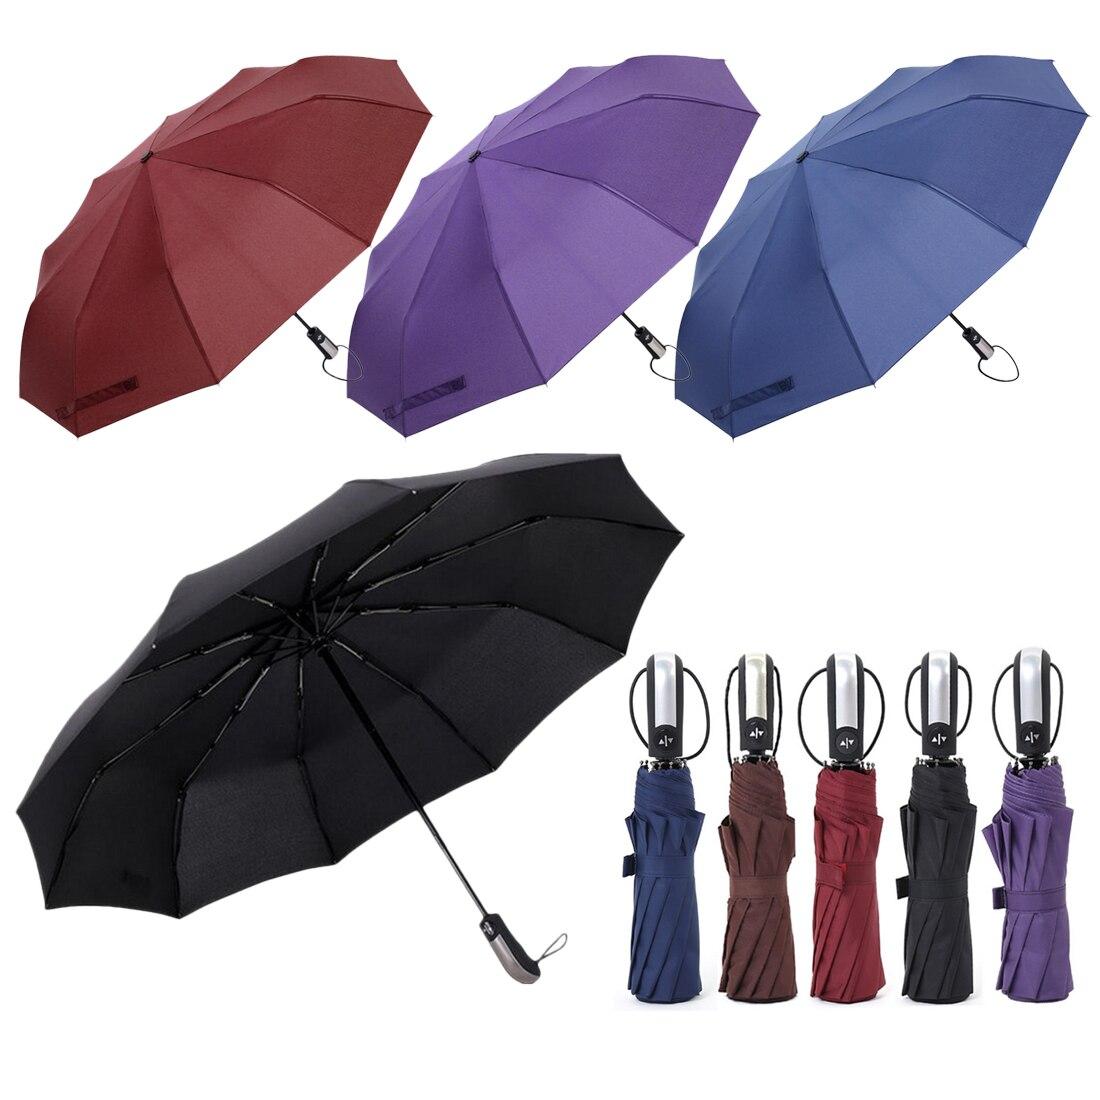 1 Pz Resistente Al Vento Pieghevole Ombrello Automatico Degli Uomini Di Lusso Di Grande Antivento Ombrello Pioggia Donne Ombrello Maschile